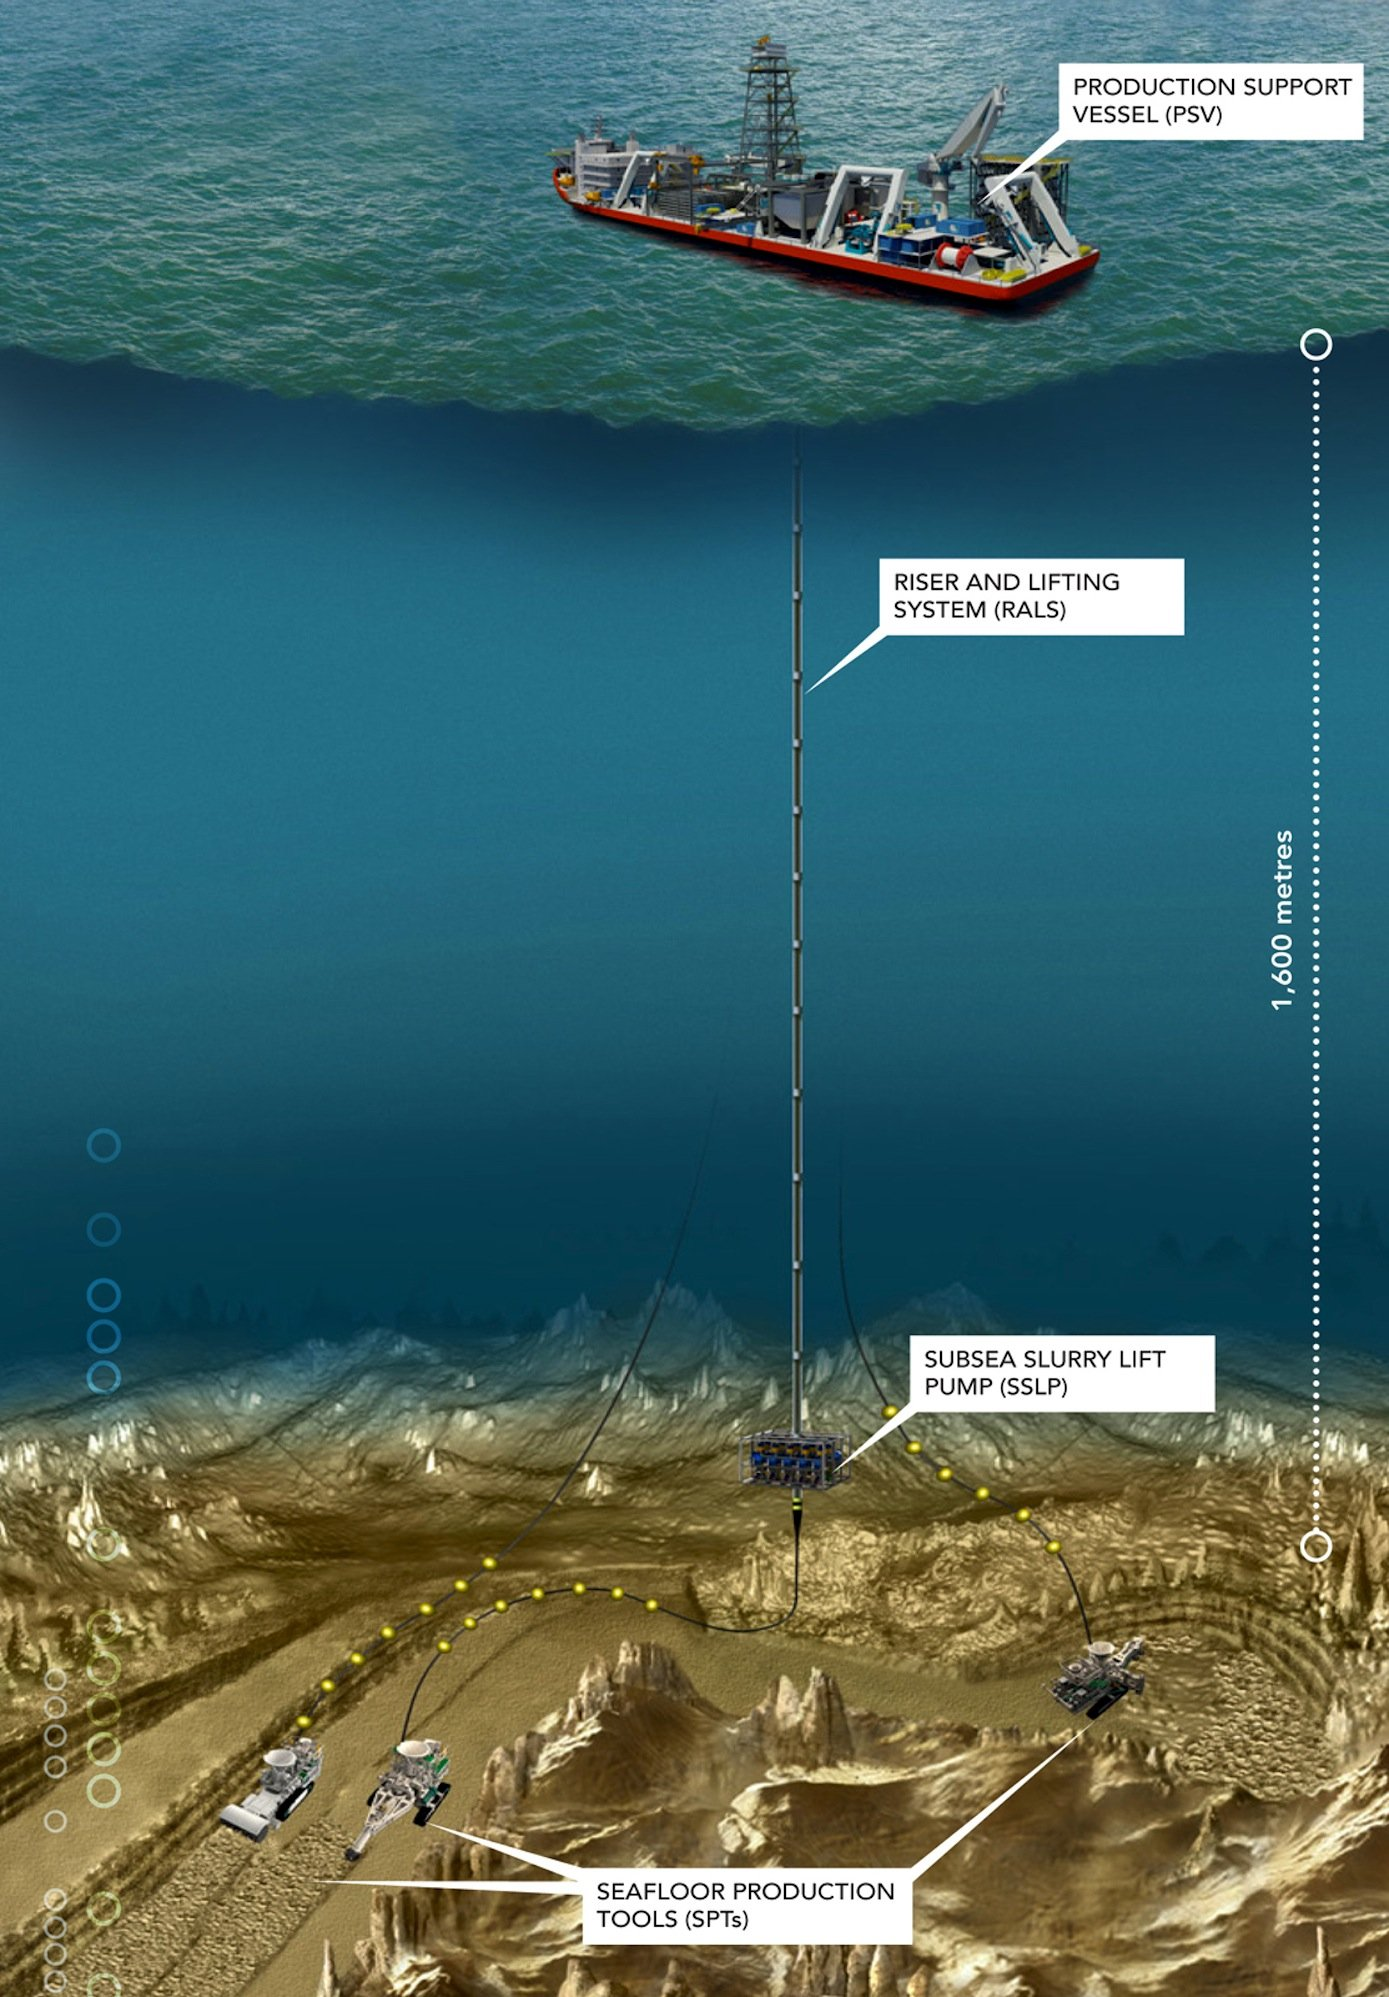 Die Roboter am Meeresgrund fördern und zerkleinern das Gestein, das vor Papua-Neuguinea einen hohen Anteil Seltener Erden enthält. Die Roboter sind mit dem Produktionsschiffverbunden.